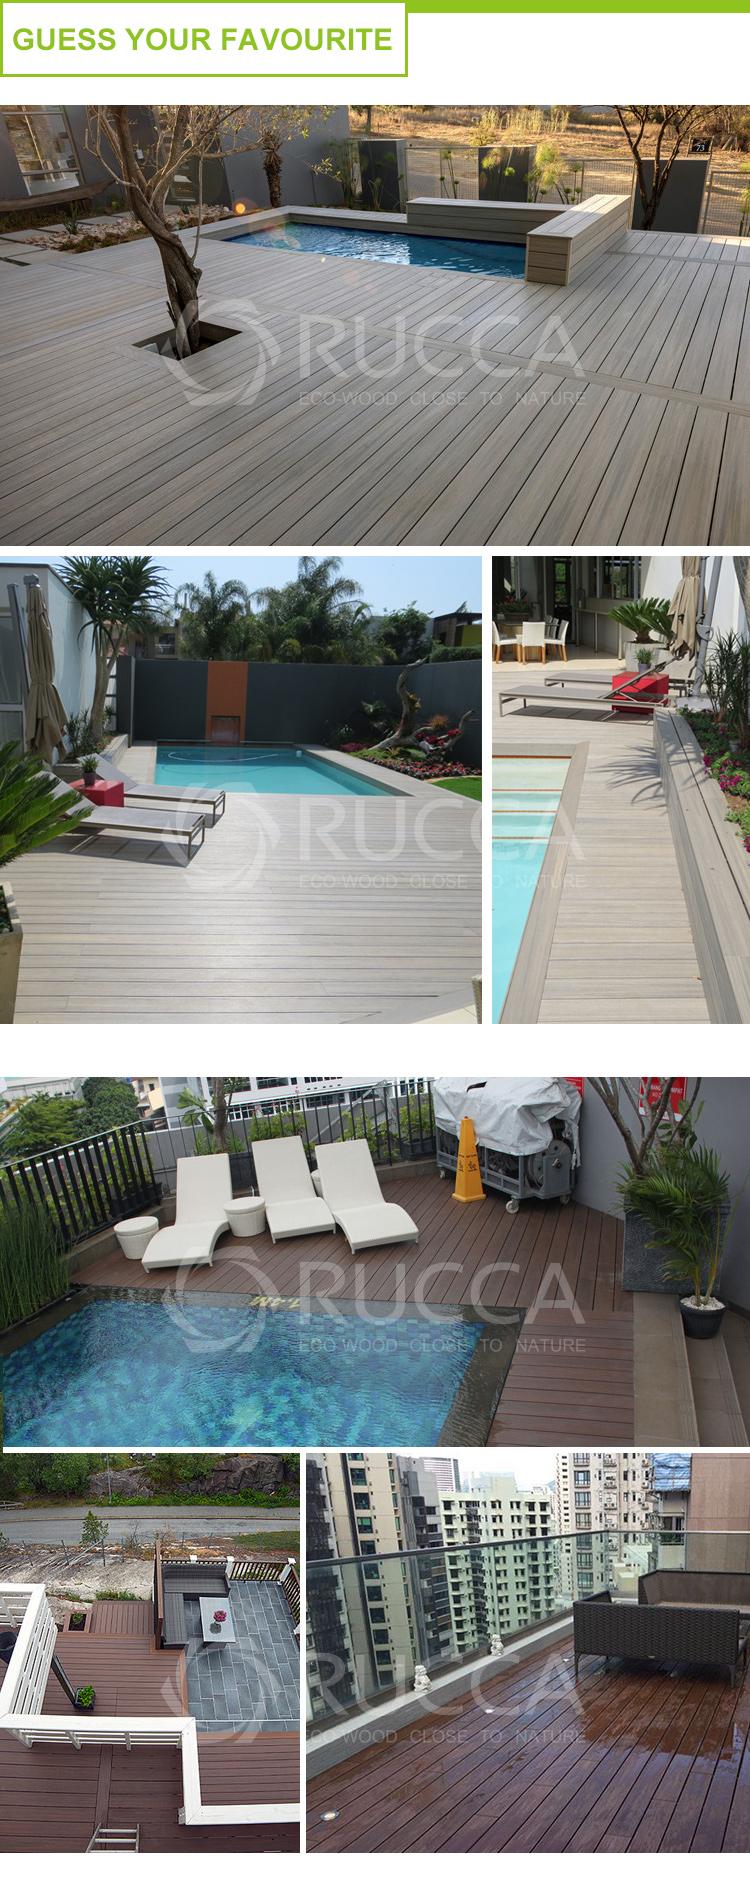 Деревянные пластиковые экструдированные балкон бассейн настил пол водонепроницаемый напольное покрытие